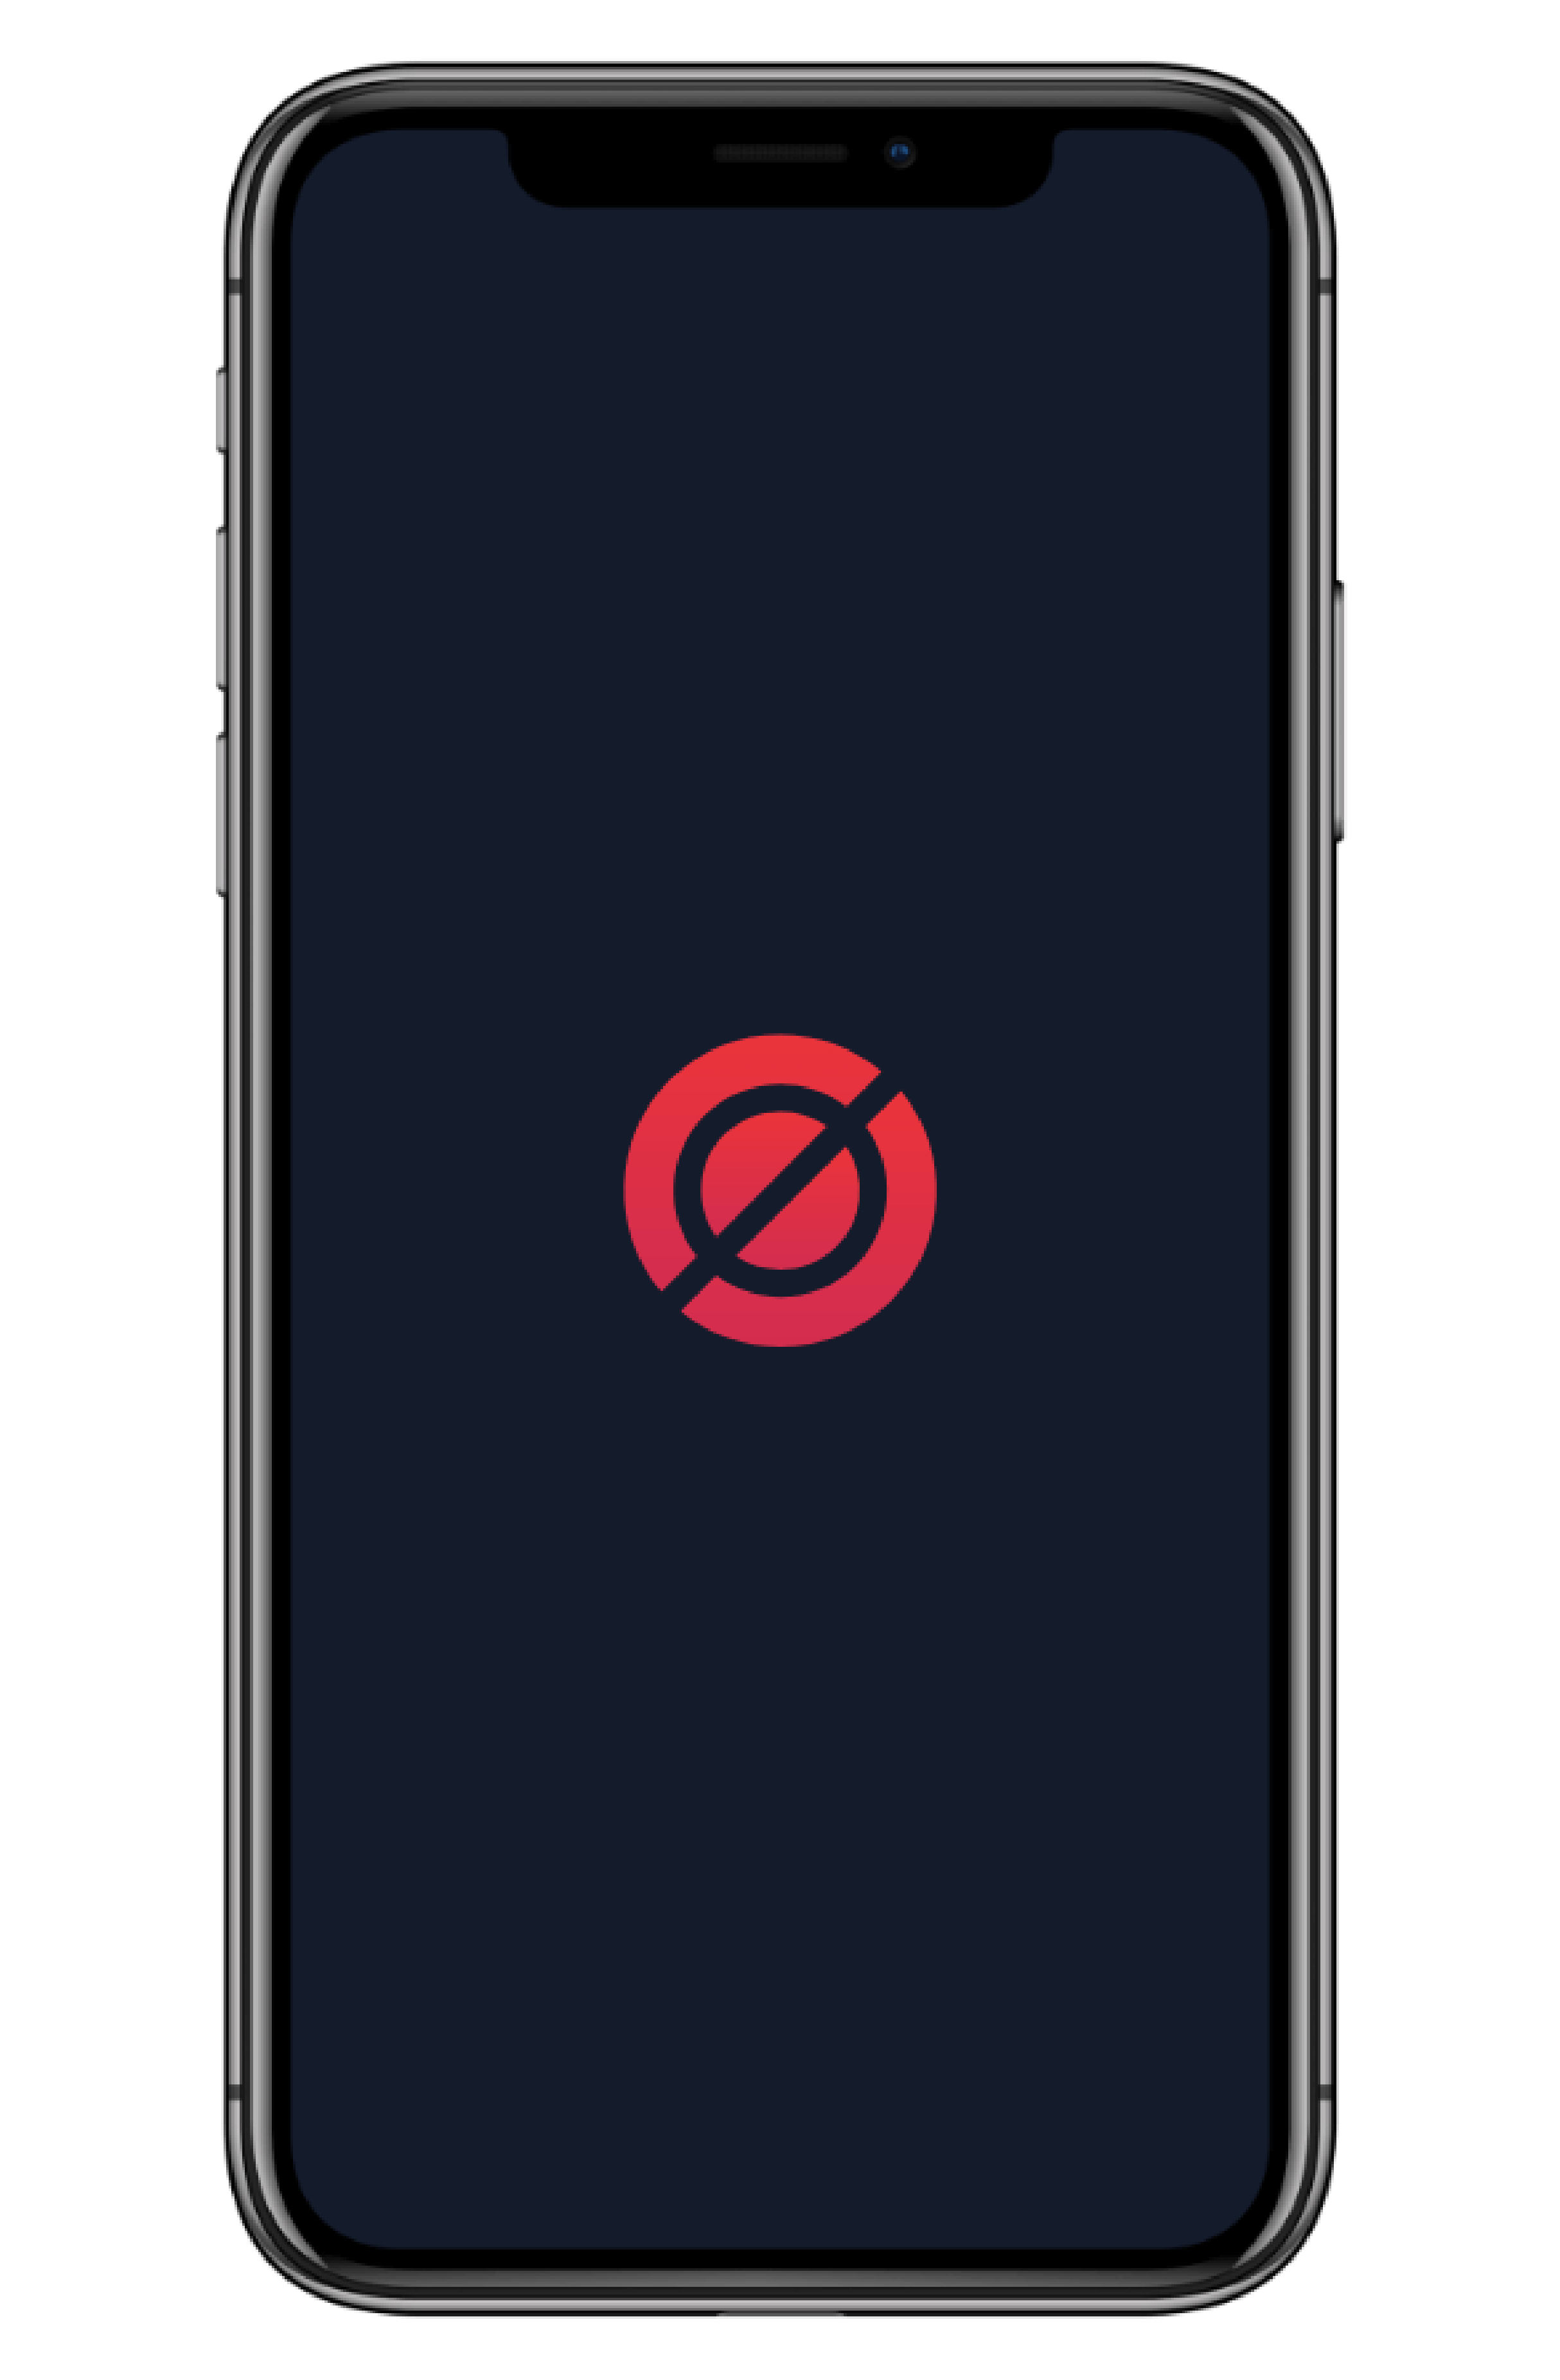 Phone screen display